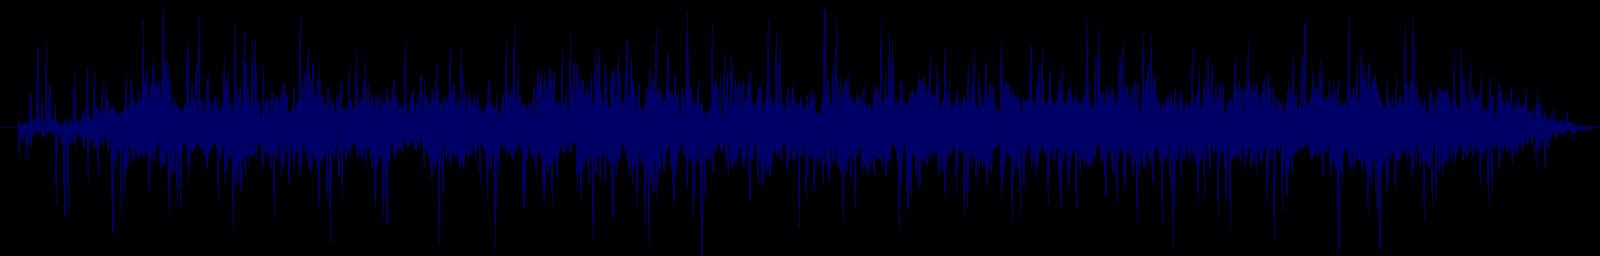 waveform of track #149012